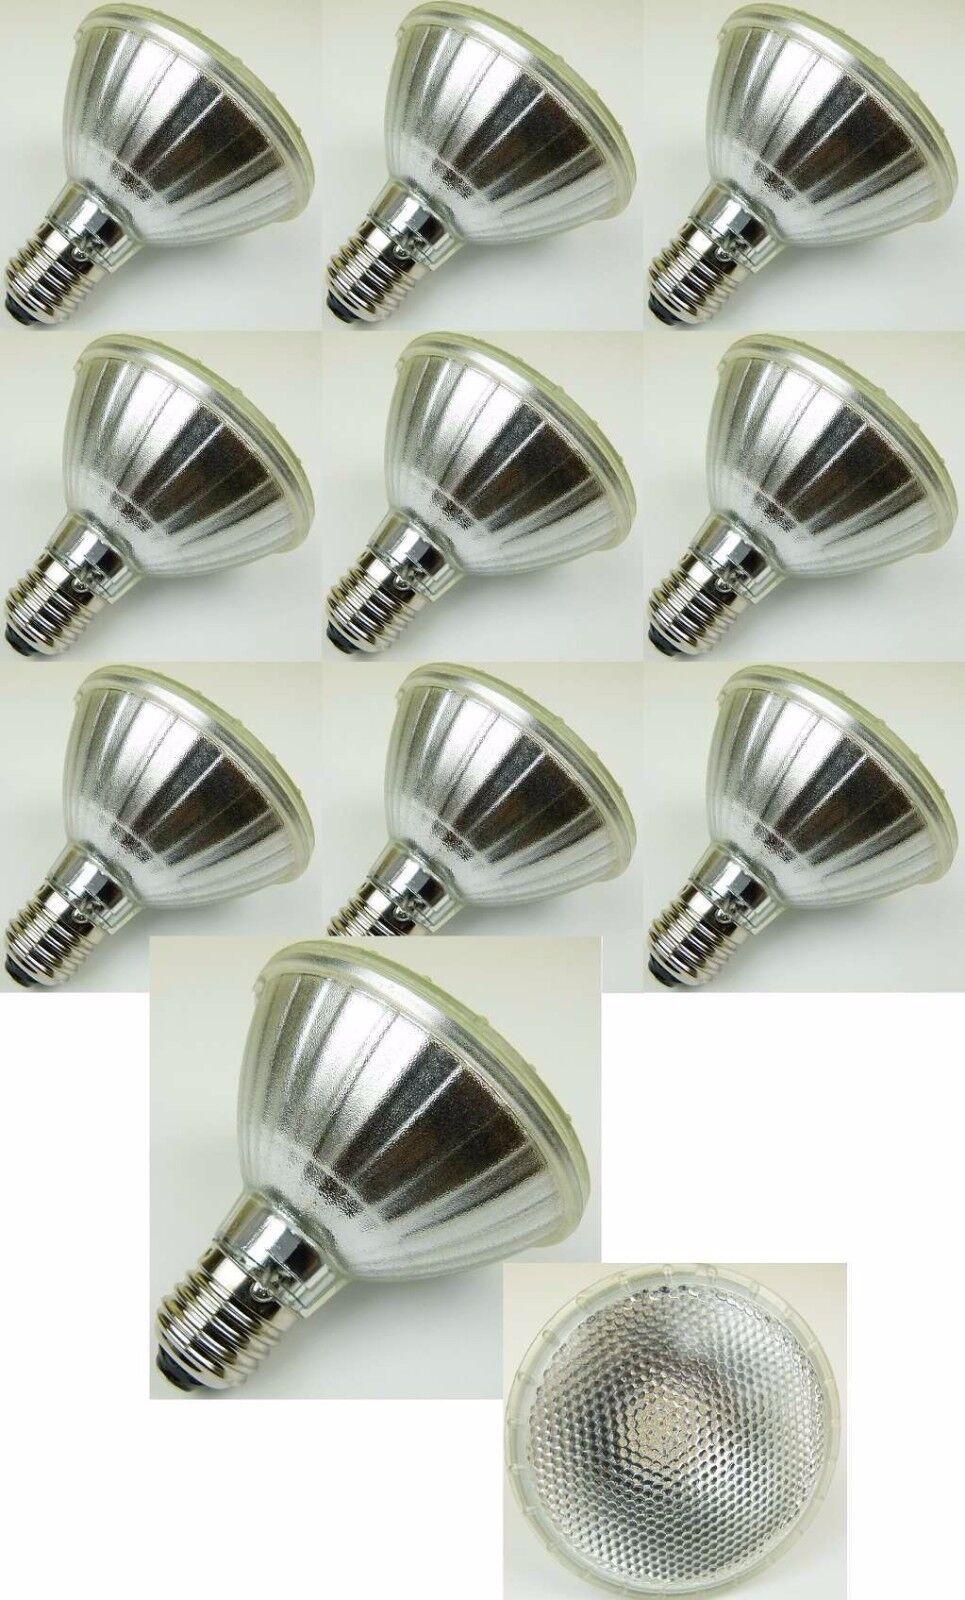 10x PAR 30 LED Spot 6W (80W) warmweiss E27 3000K 55° Leuchte Strahler Reflektor | Verschiedene  | Jeder beschriebene Artikel ist verfügbar  | Modern Und Elegant